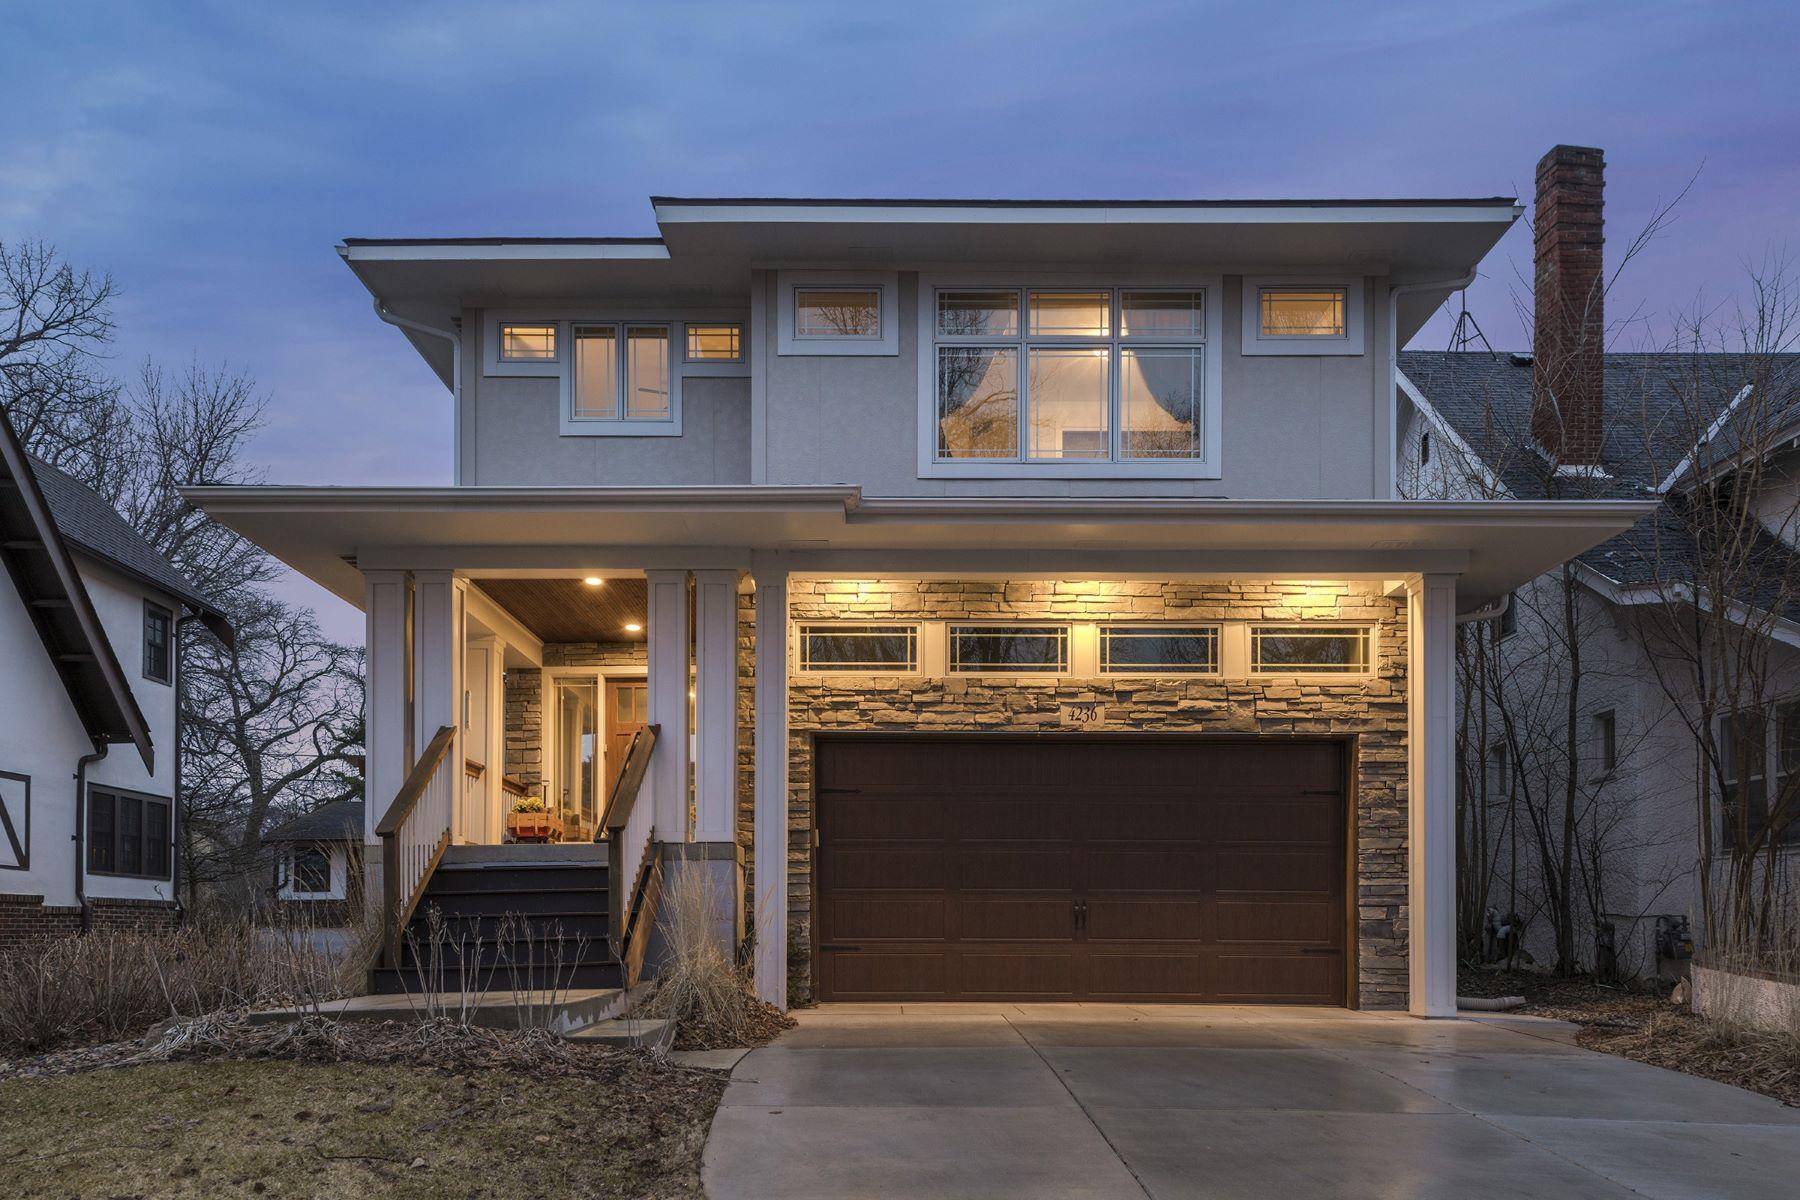 独户住宅 为 销售 在 4236 Colfax Avenue S East Harriet, 明尼阿波利斯市, 明尼苏达州, 55409 美国